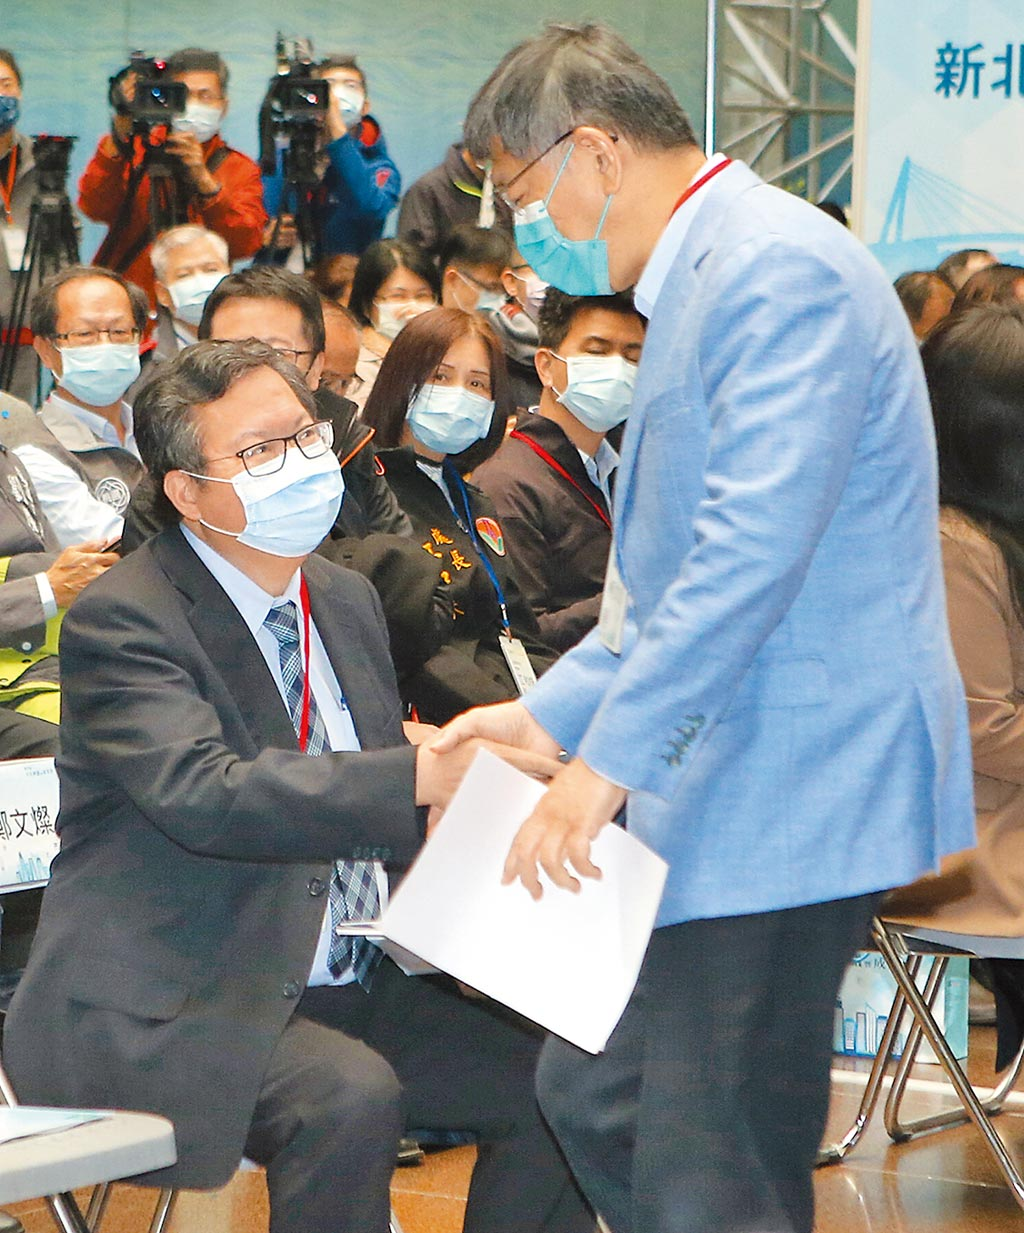 台北市長柯文哲(前右)和桃園市長鄭文燦(前左)21日出席北台區域發展推動委員會第17屆首長會議暨成果展,兩人一見面就握手致意。(趙雙傑攝)